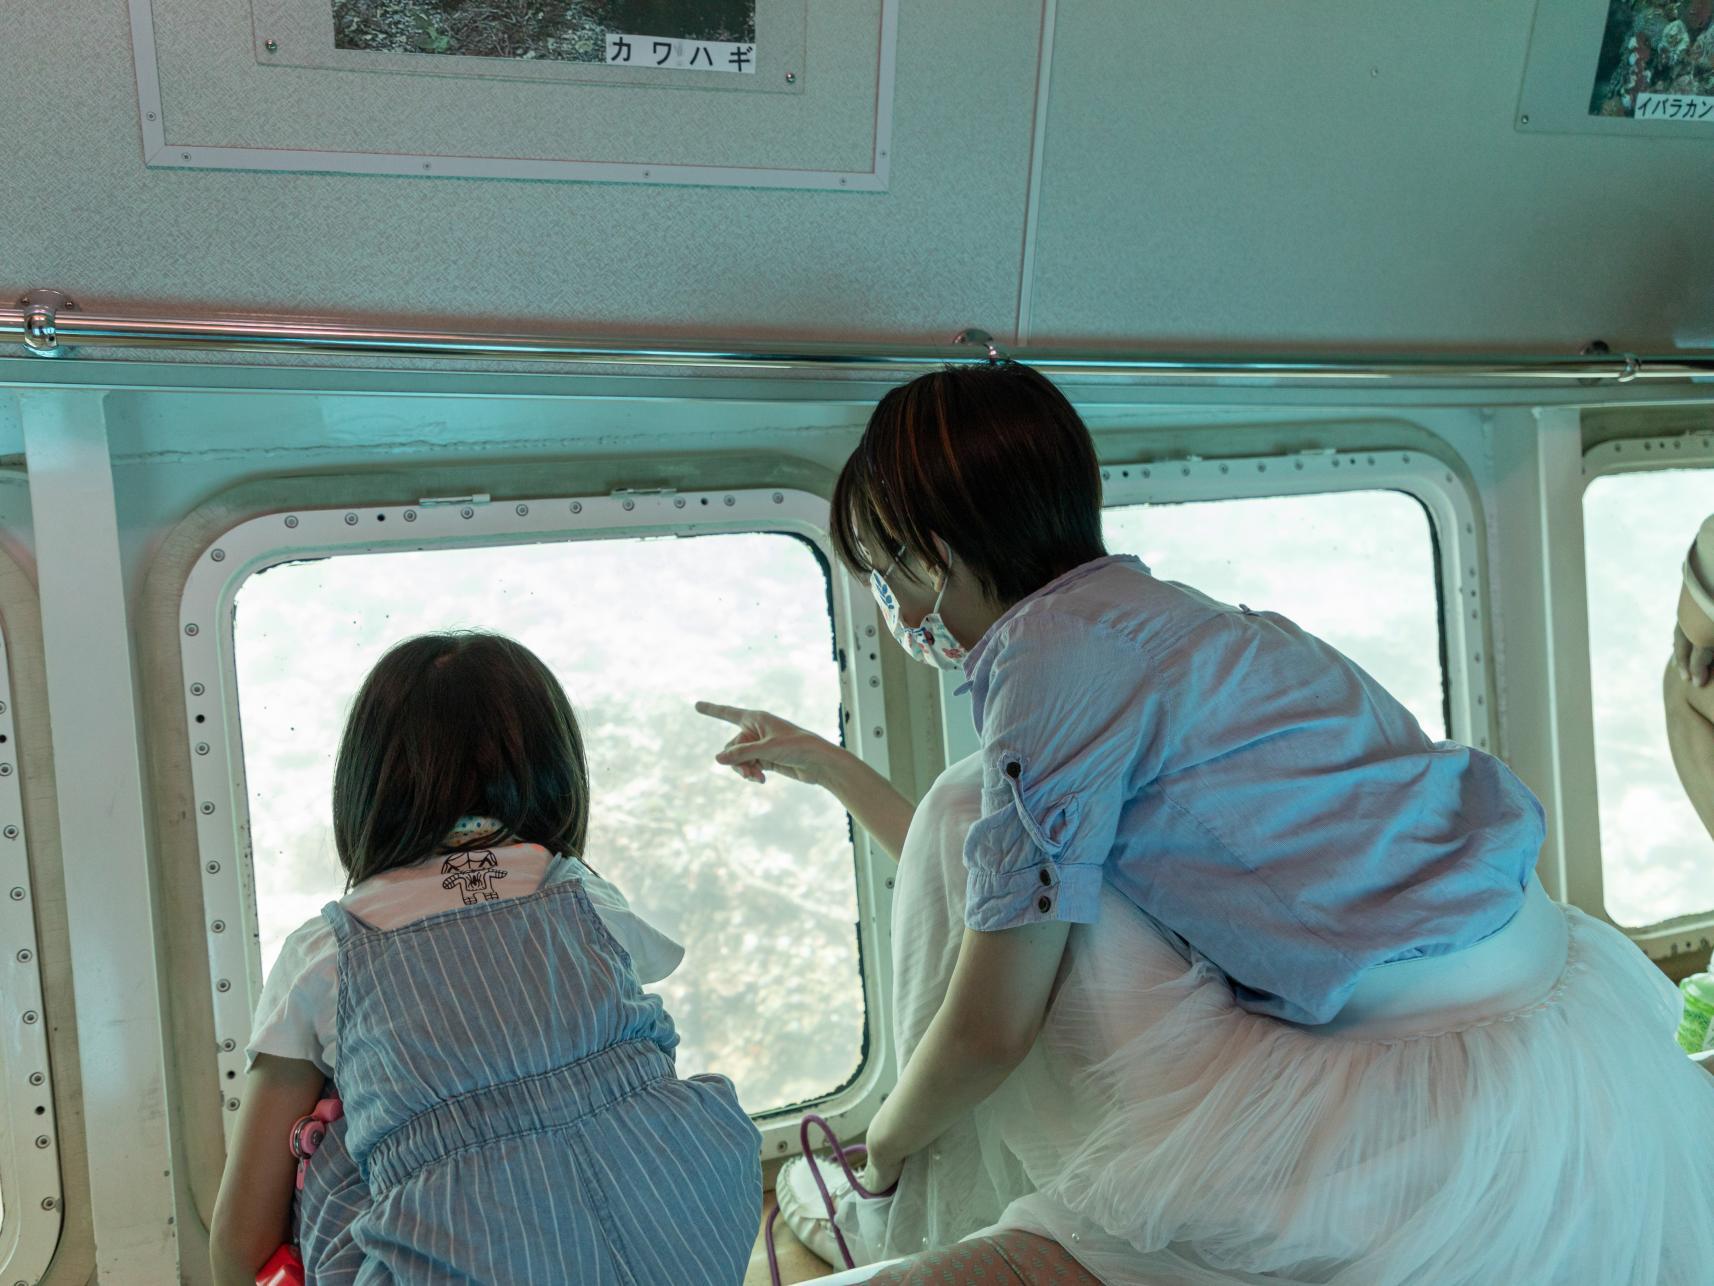 グラスボート「シーガル」竹の子島周遊コース-1